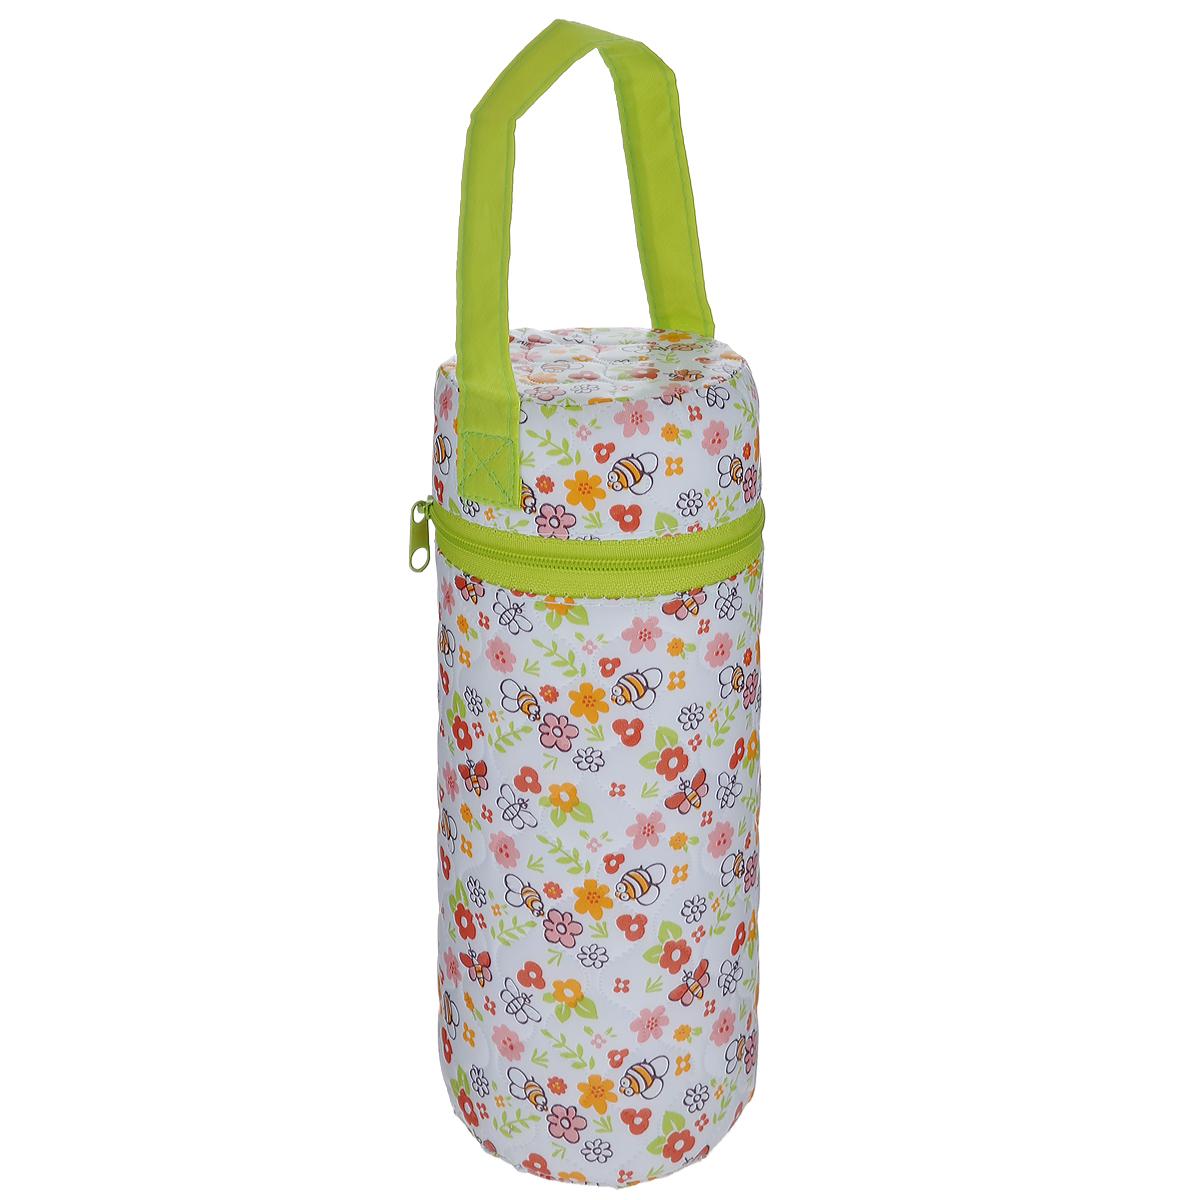 Контейнер для бутылочки Мир детства  Пчелки , трехслойный, цвет: белый, салатовый -  Все для детского кормления